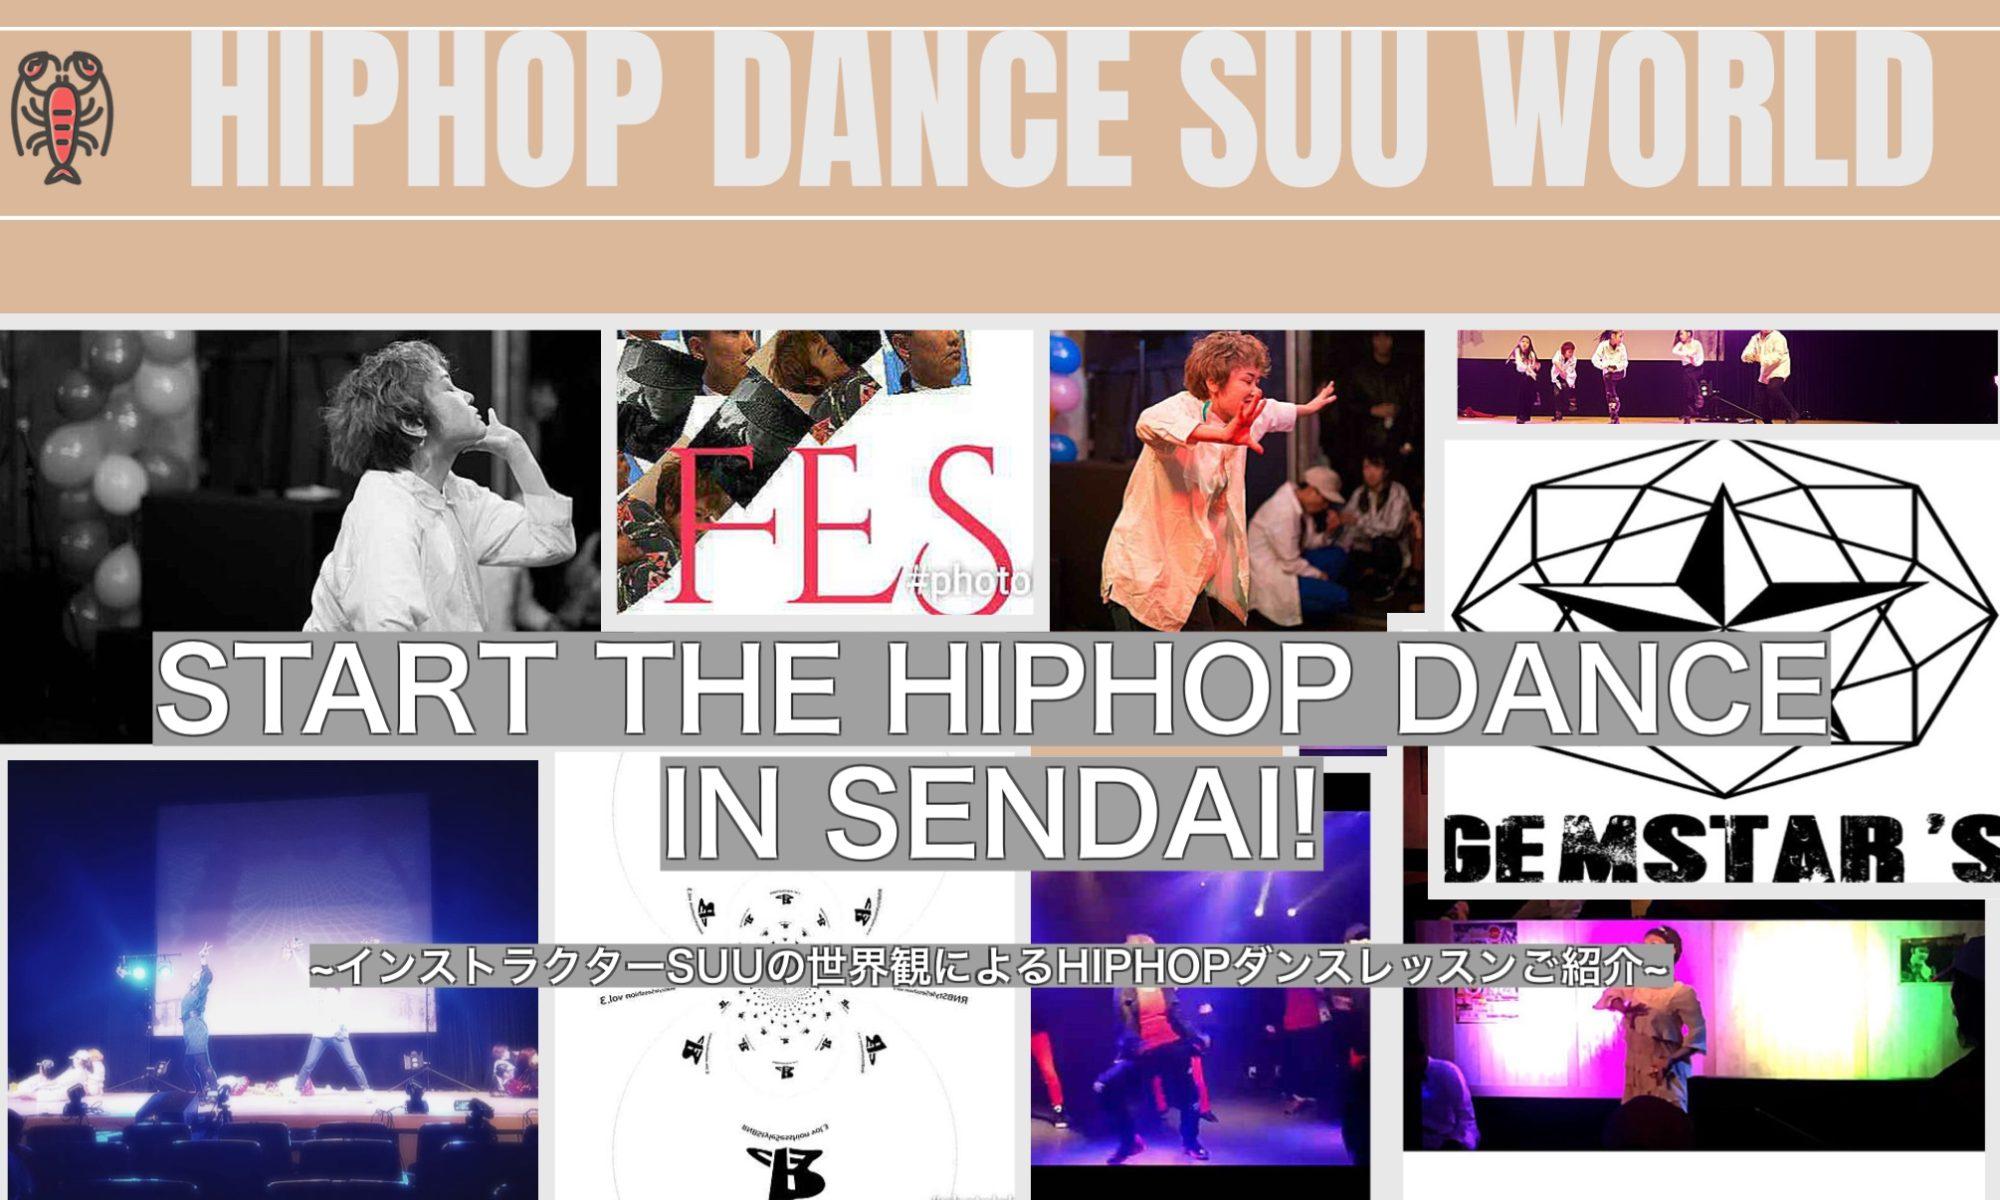 SUU様のダンススクール